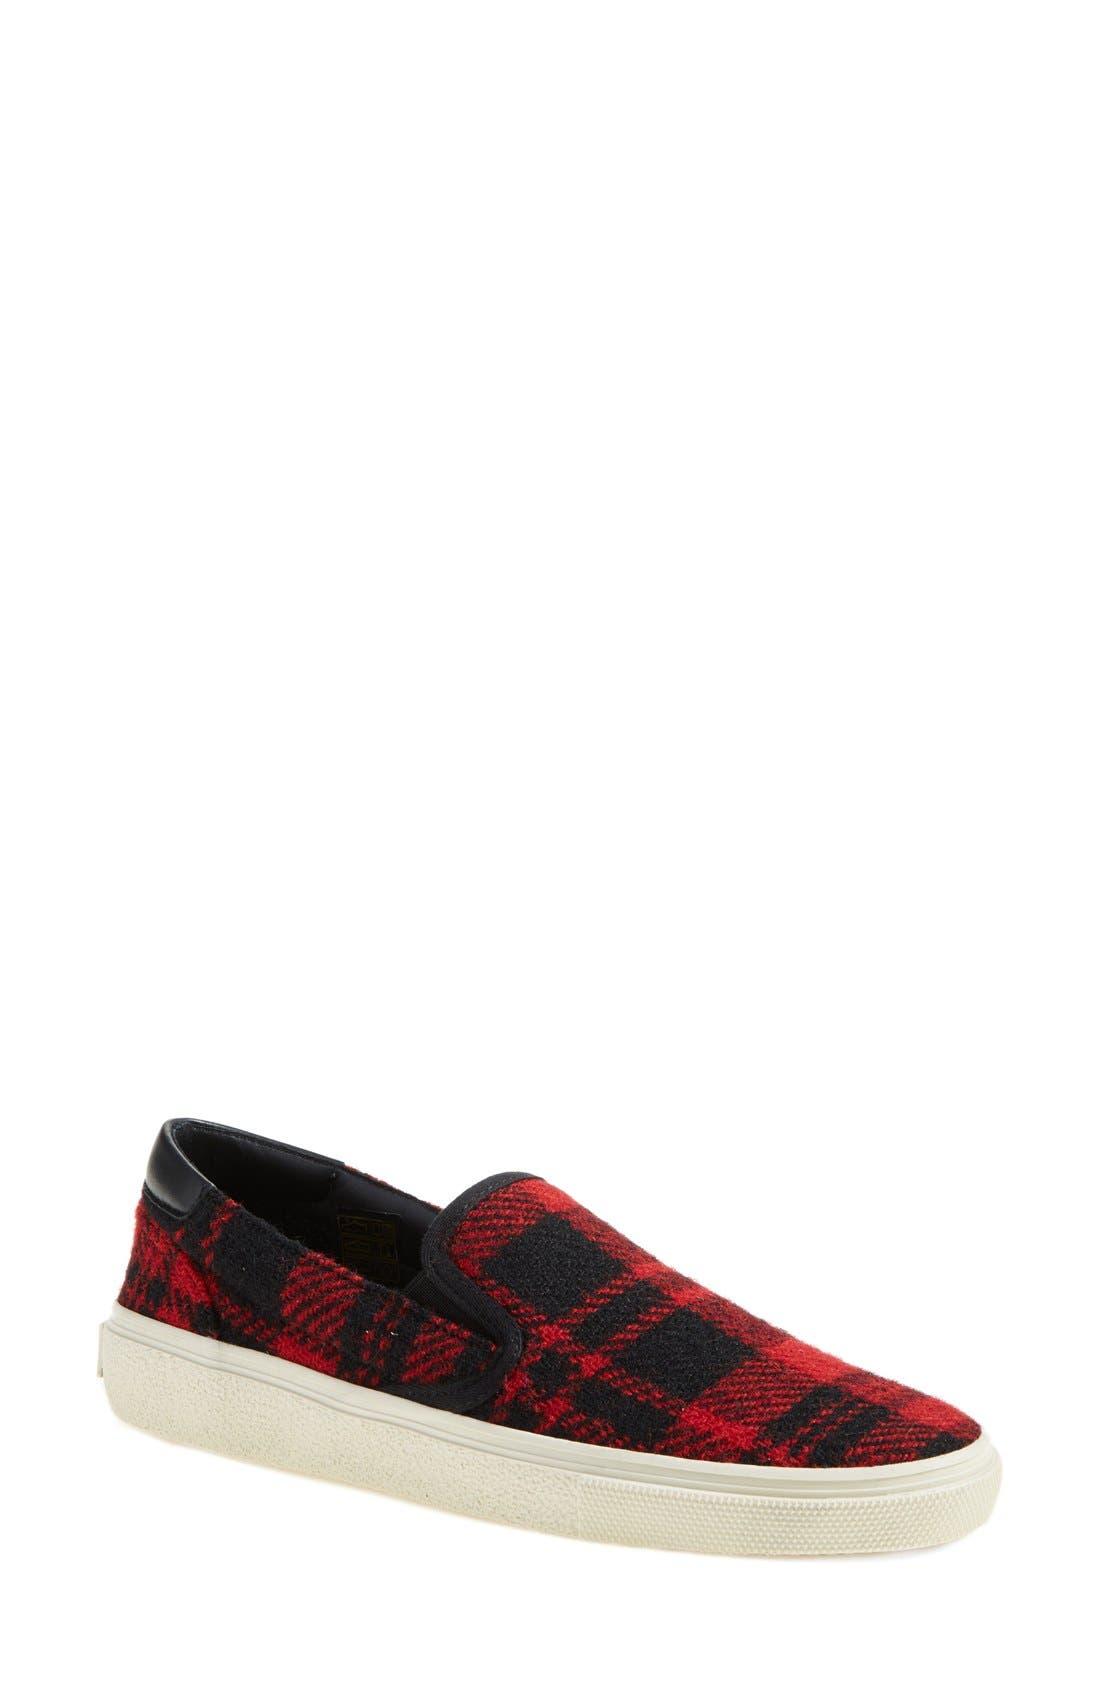 Alternate Image 1 Selected - Saint Laurent 'Skate' Slip-On Sneaker (Women)